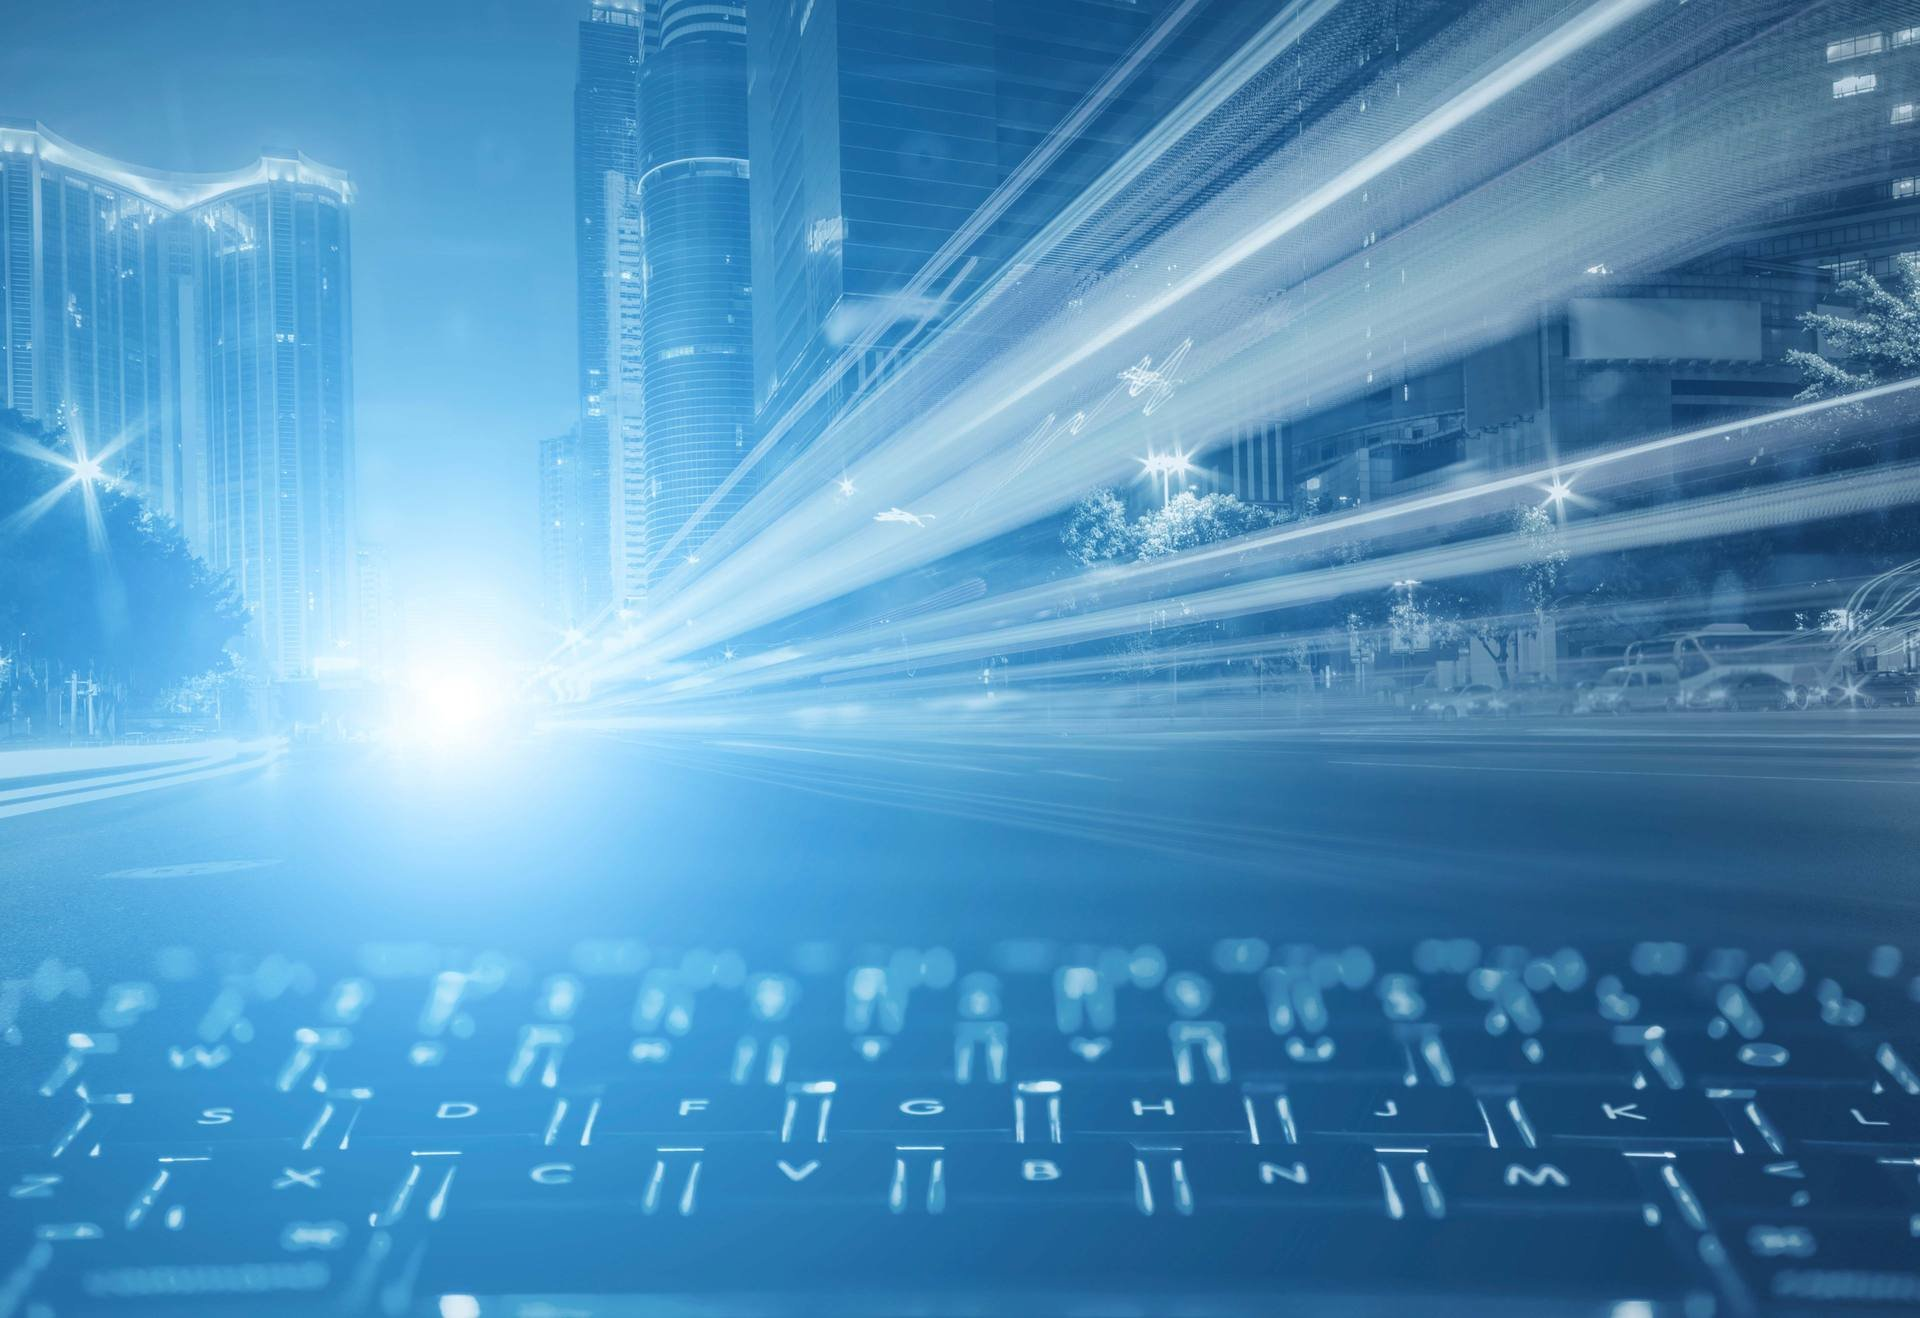 Swisscom: Stimmungsbild eines Serverraums zur Illustration eines Netzwerkzonen-Projekt um das gewachsene Firmennetzwerk in ein neues, sicheres, strukturiertes Netzwerk zu überführen.